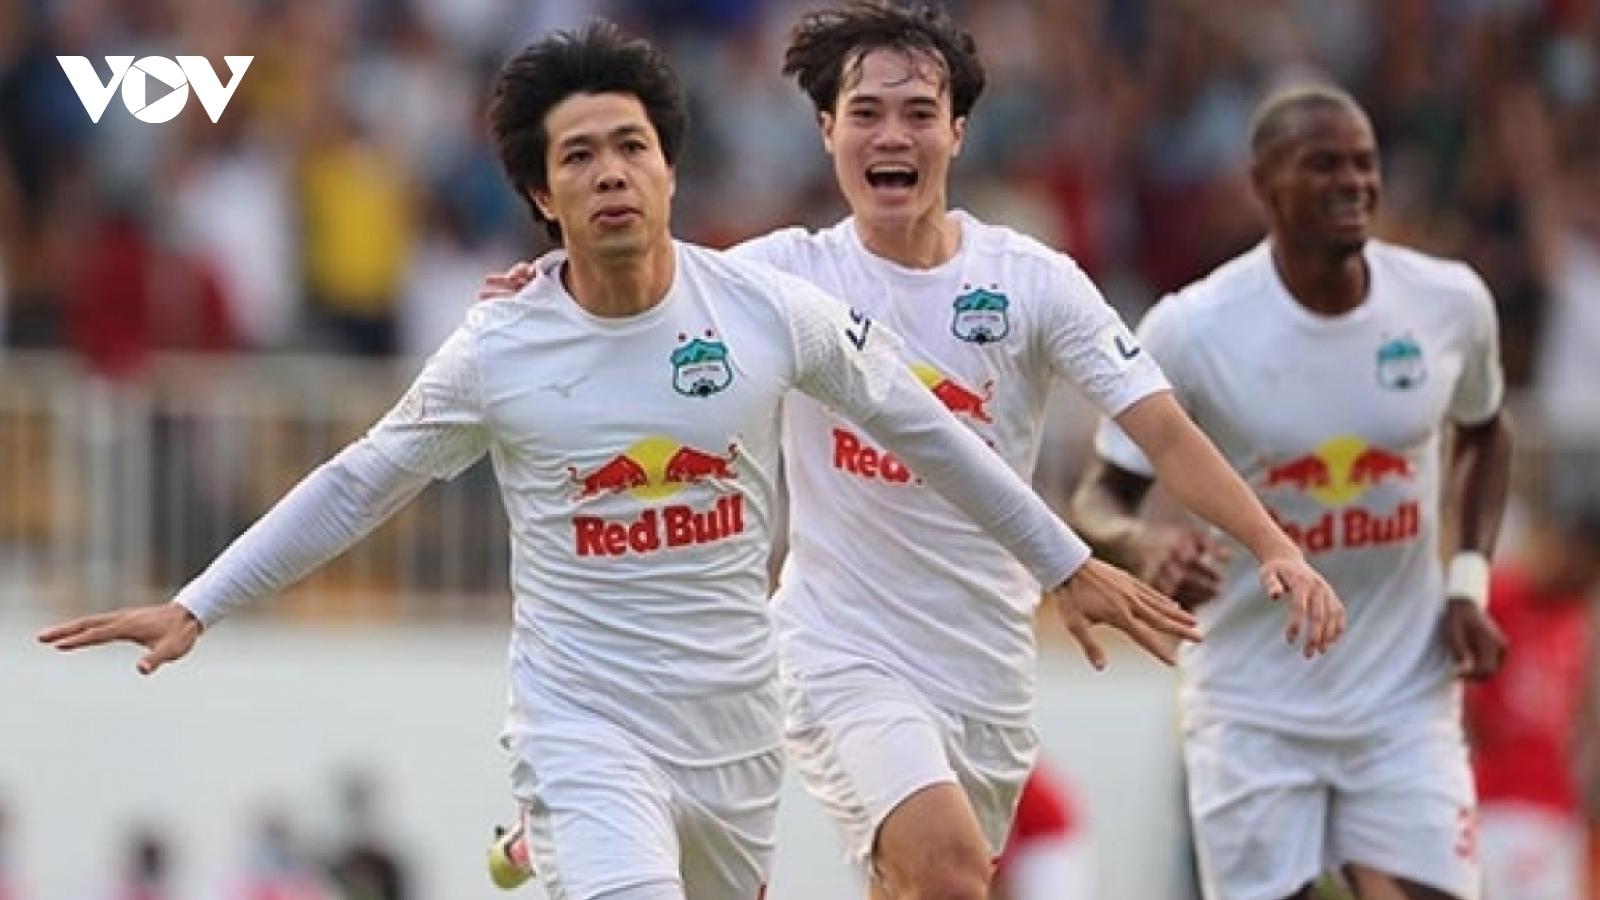 Công Phượng, Văn Toàn bị treo giò ở vòng 13 V-League